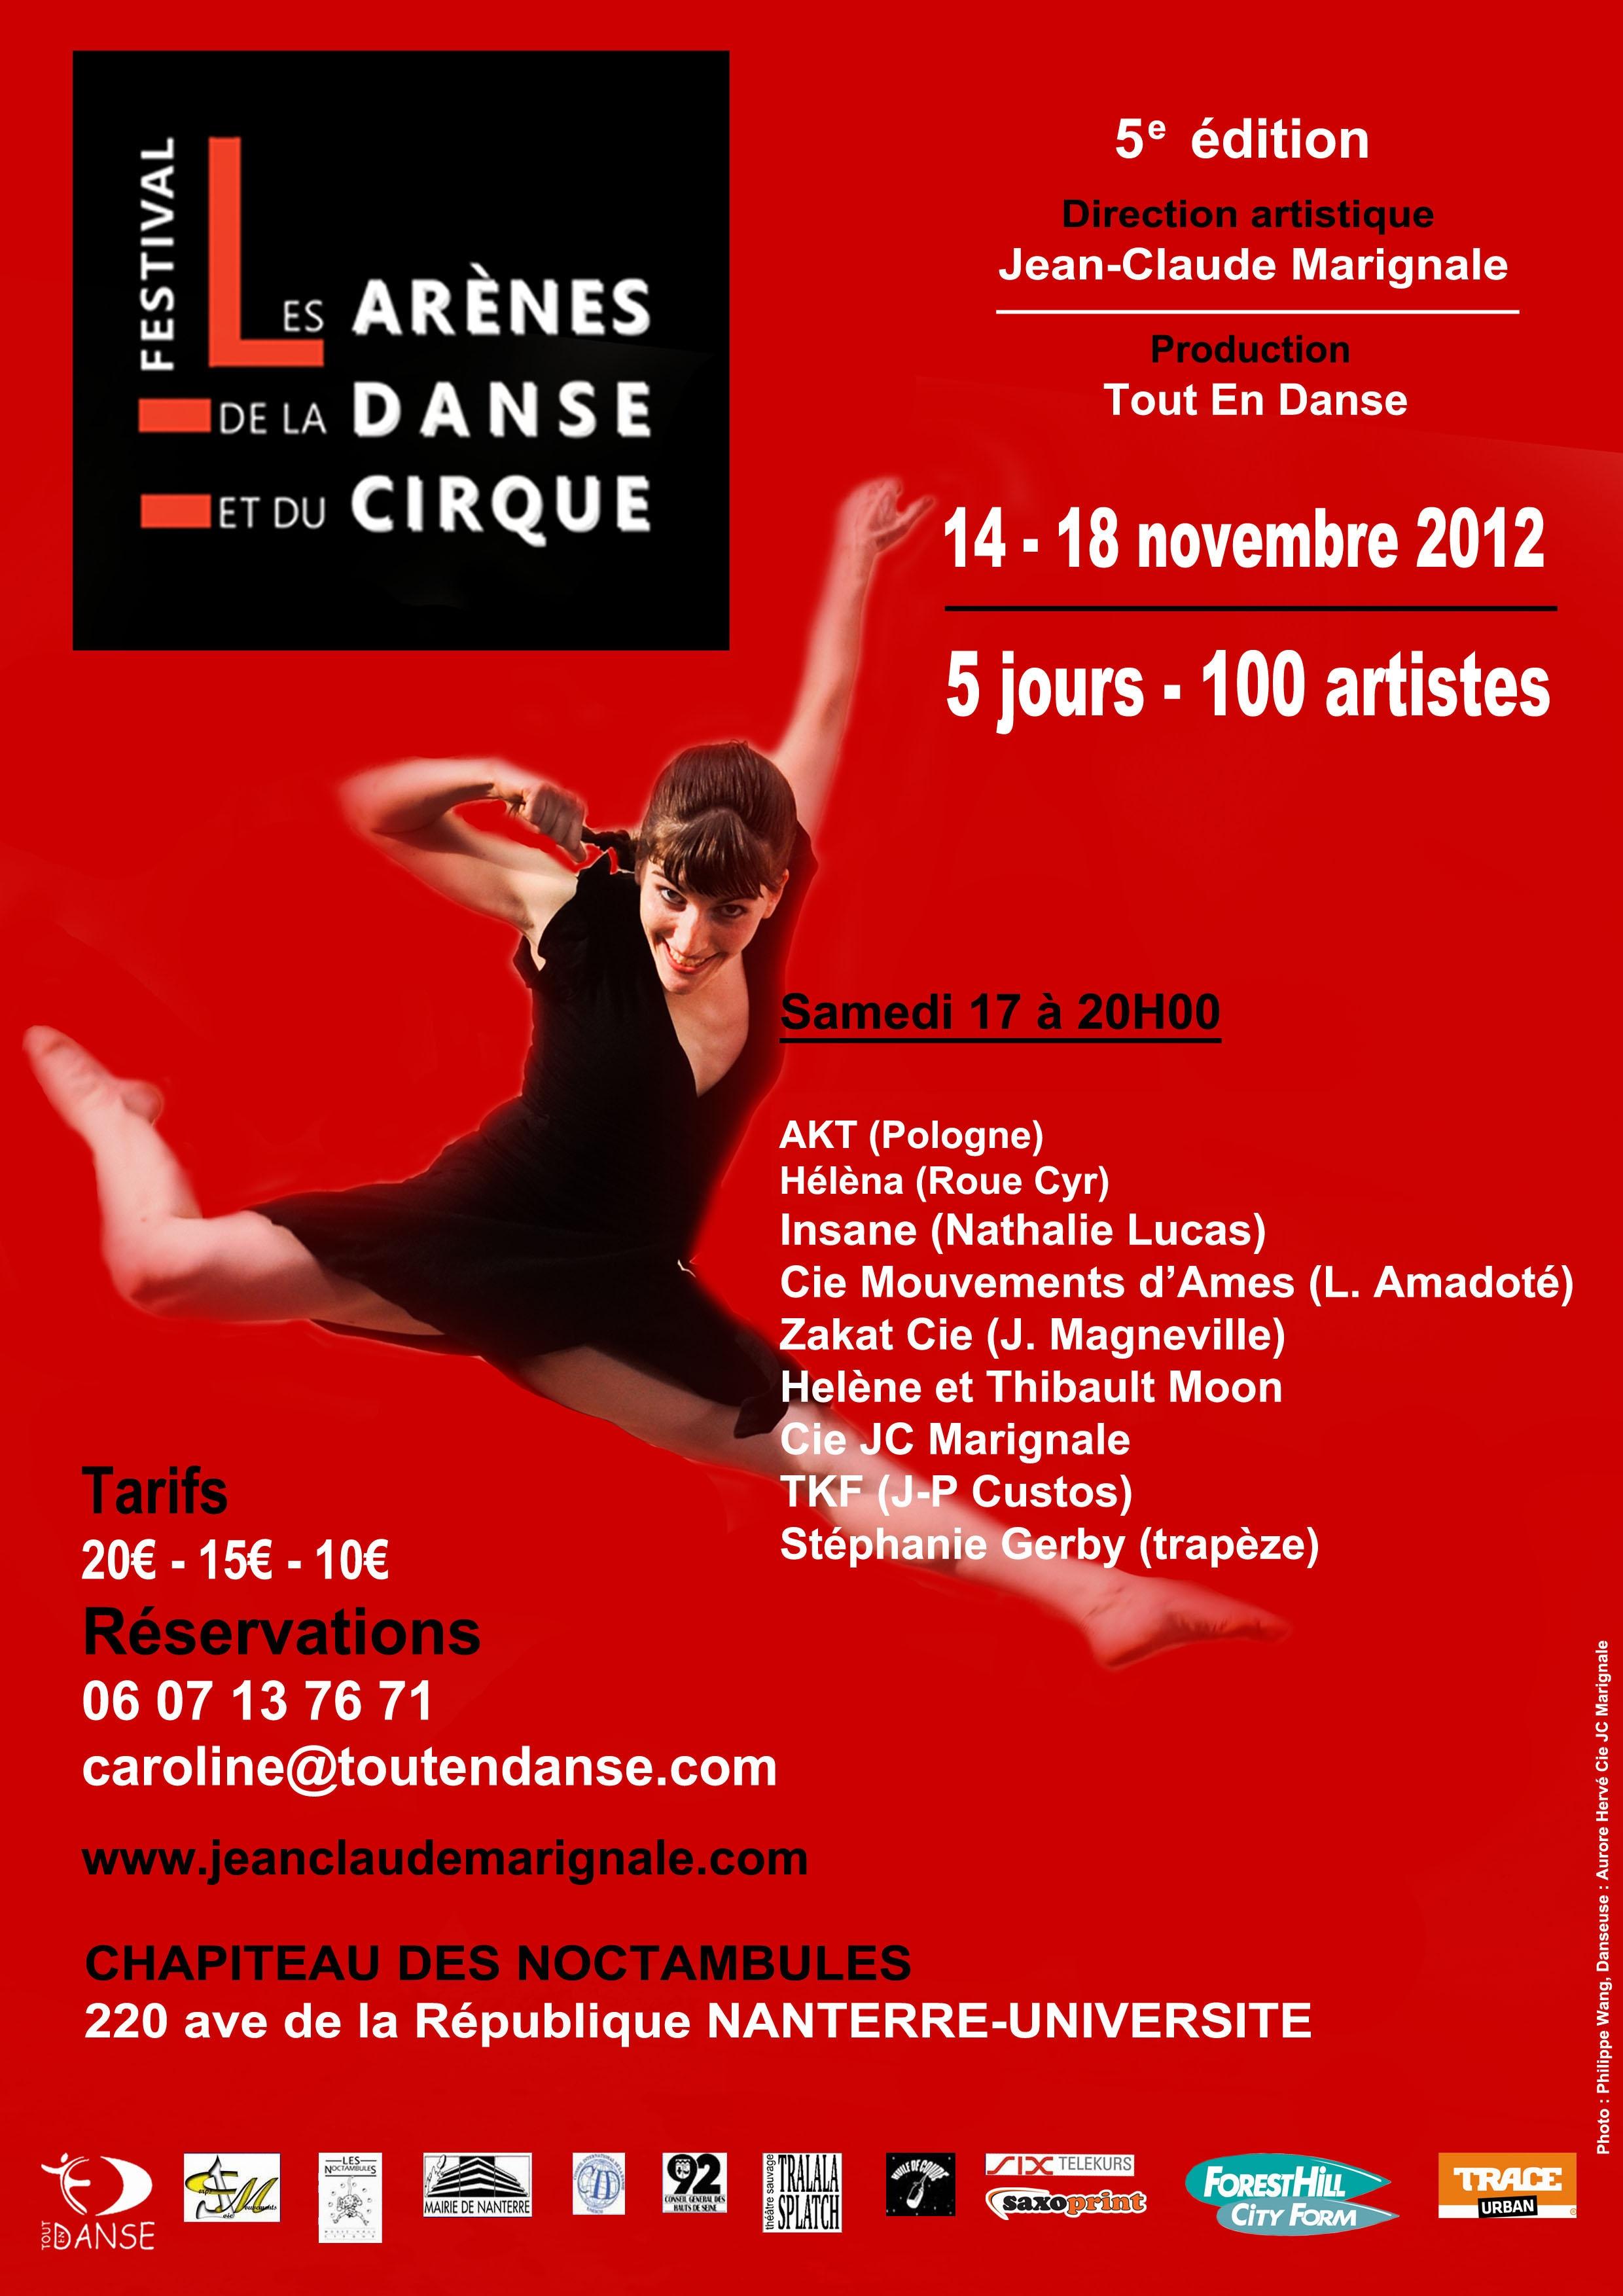 affiche-festival-12-aurore-flyers-p1-17-11-12-t.jpg